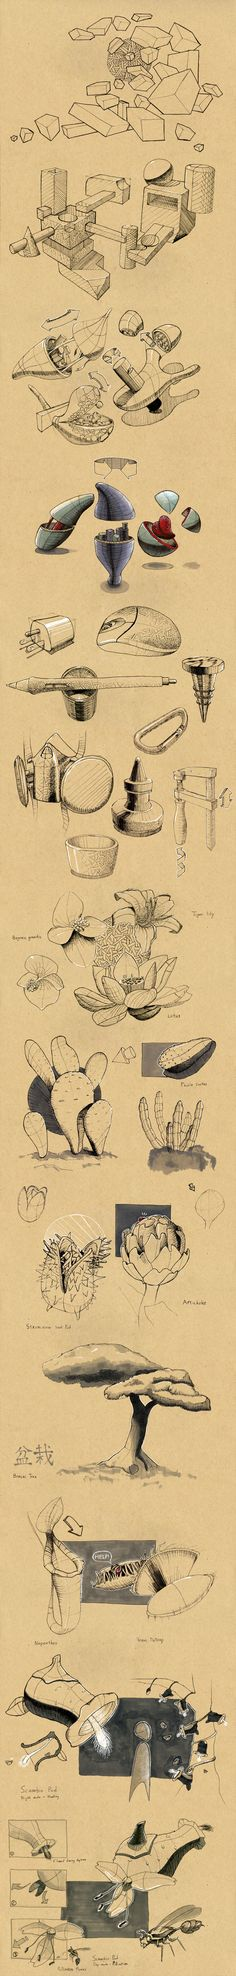 Dynamic Sketches by Bryan Wong, via Behance